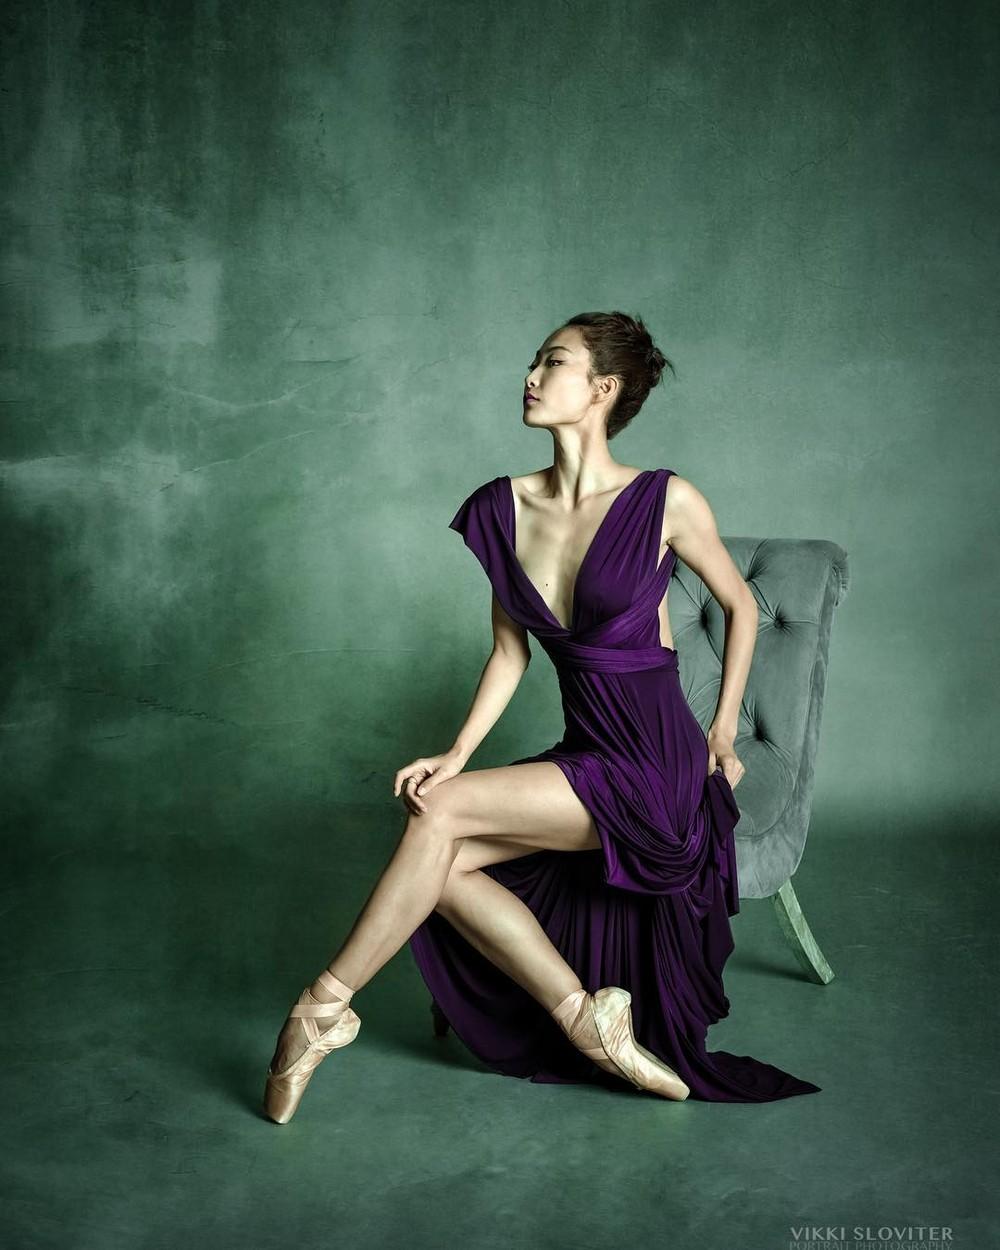 Артисты балета на фотографиях Викки Словитер